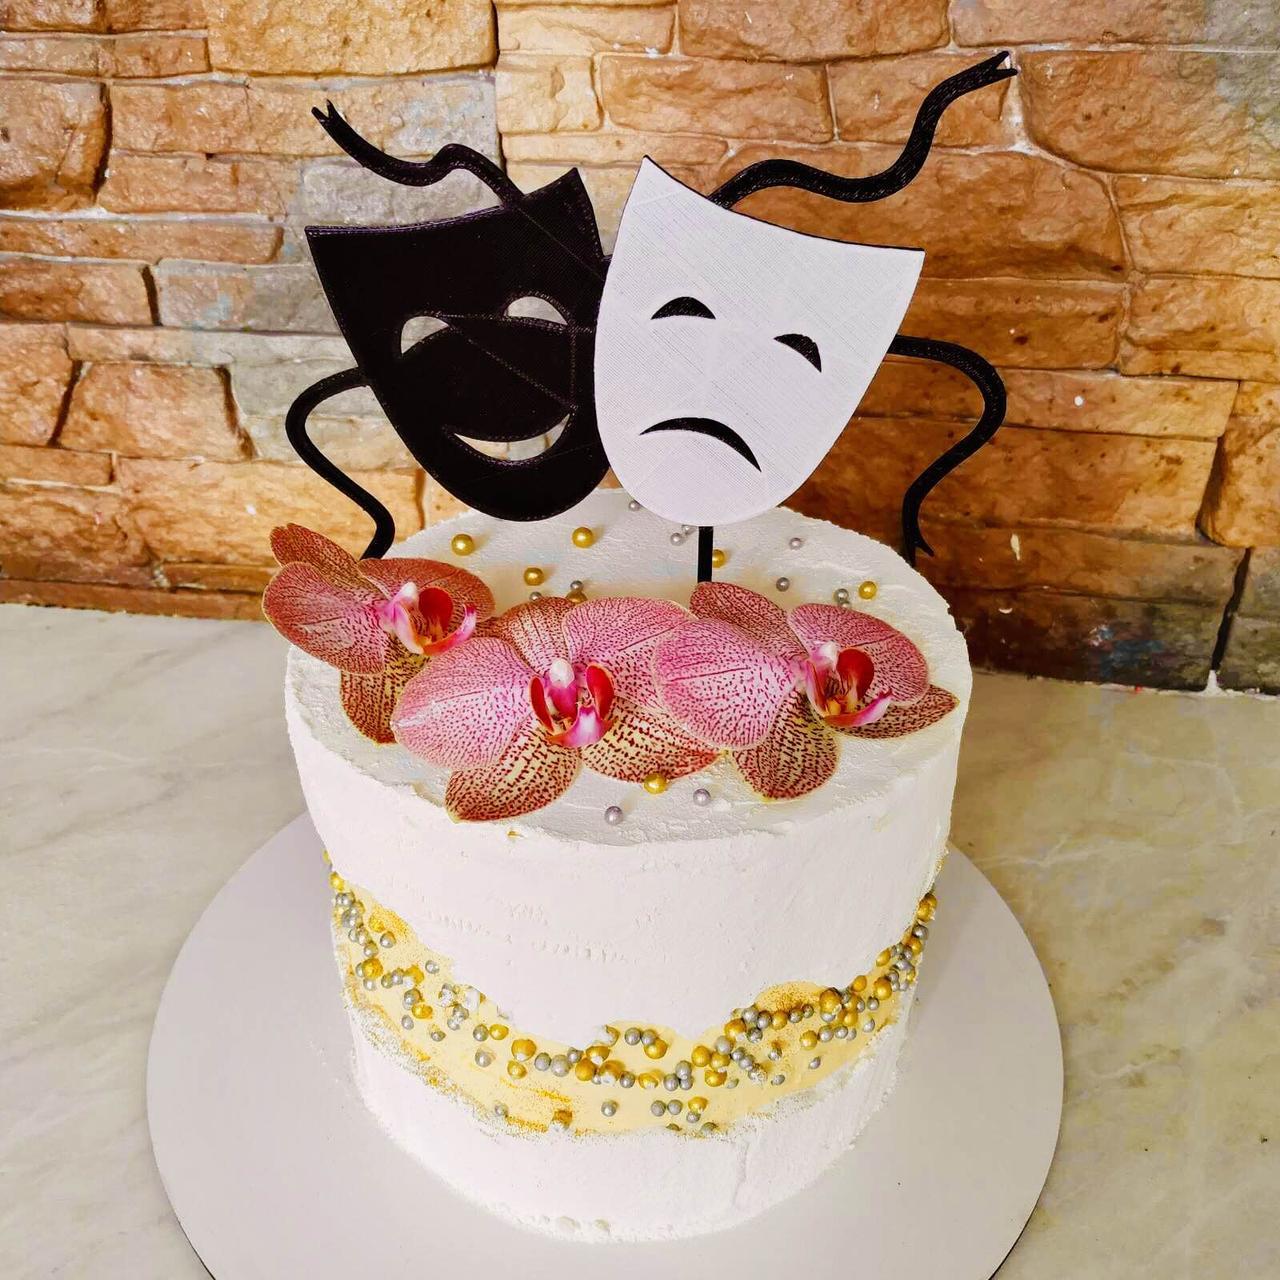 Топпер театральные Маски, Топпер смех и грусть, Топпер белая маска, Топпер черная маска, Fortune3D